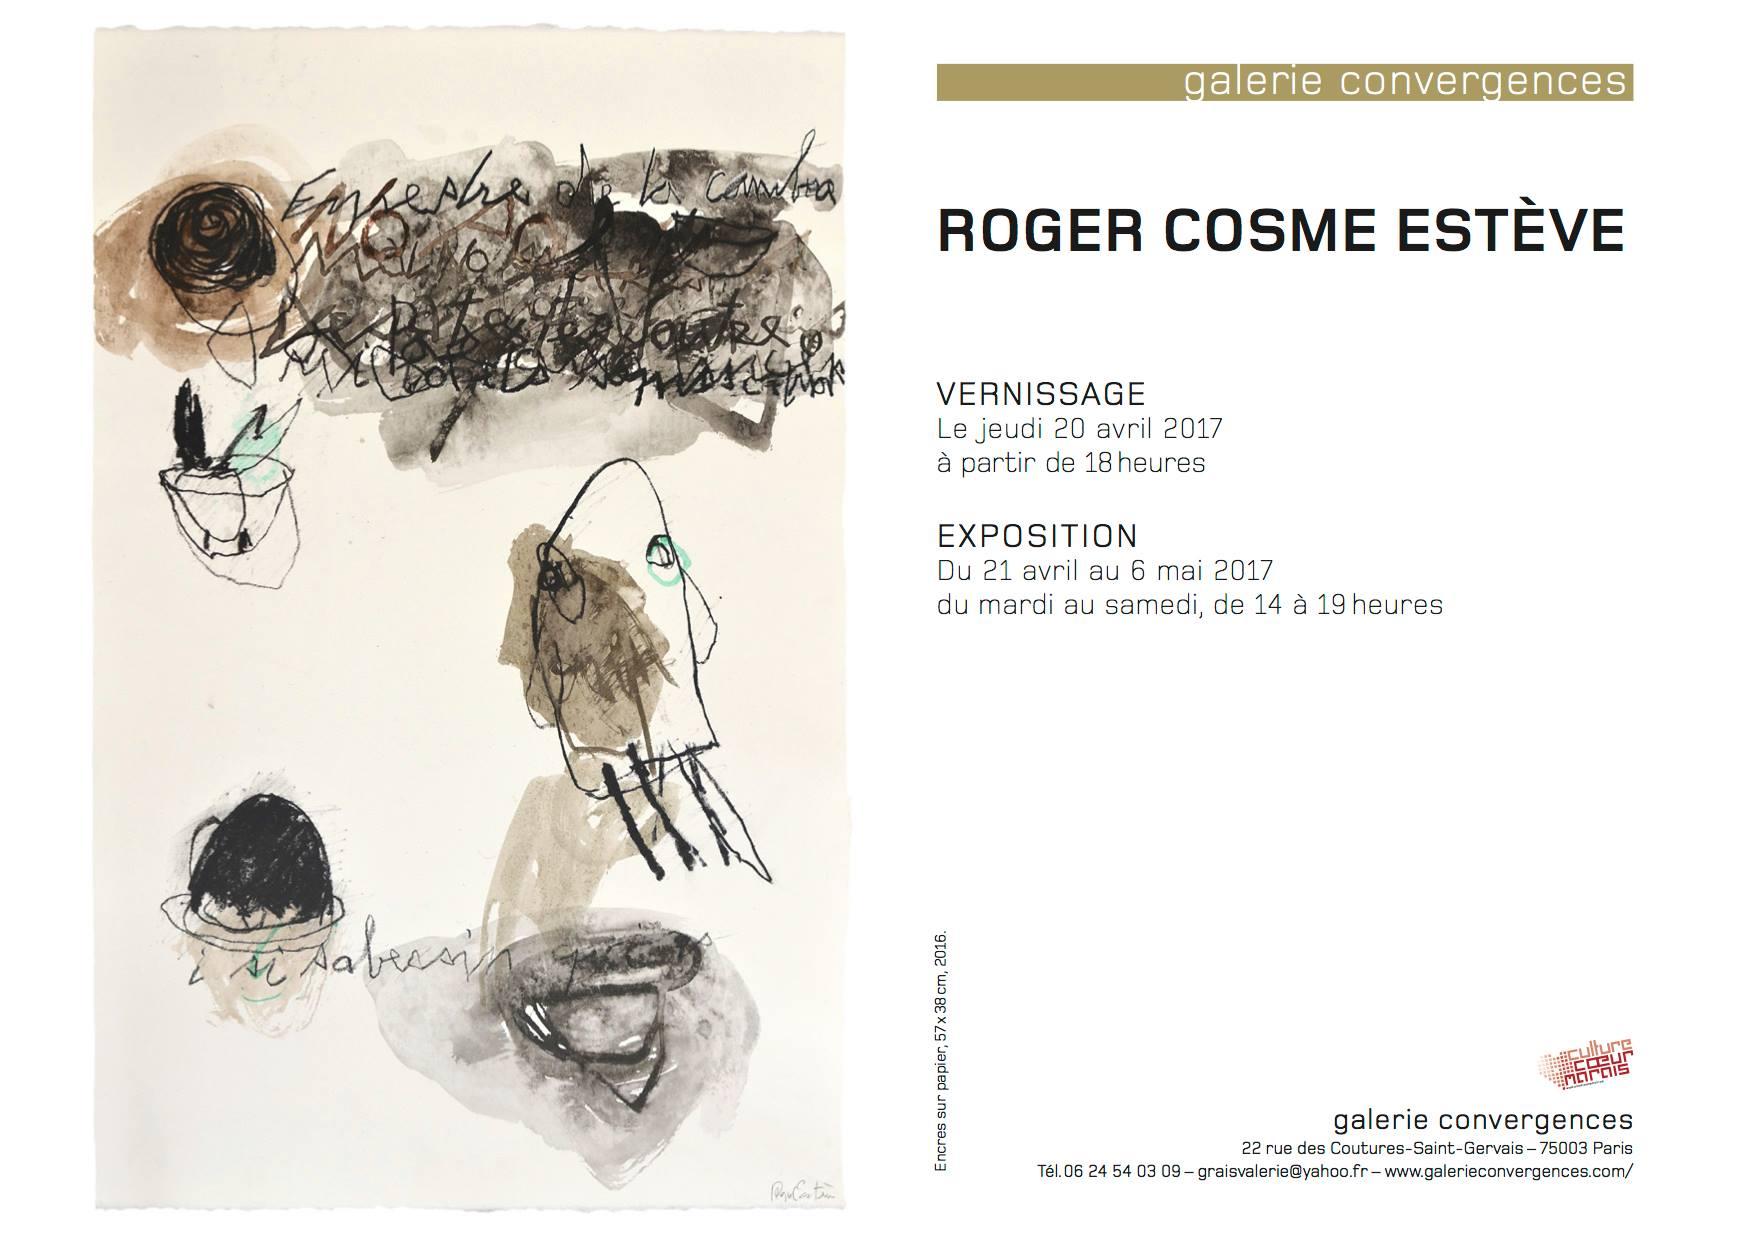 Invitation vernissage de l'exposition de Roger Cosme Estève Galerie Convergences Avril 2017